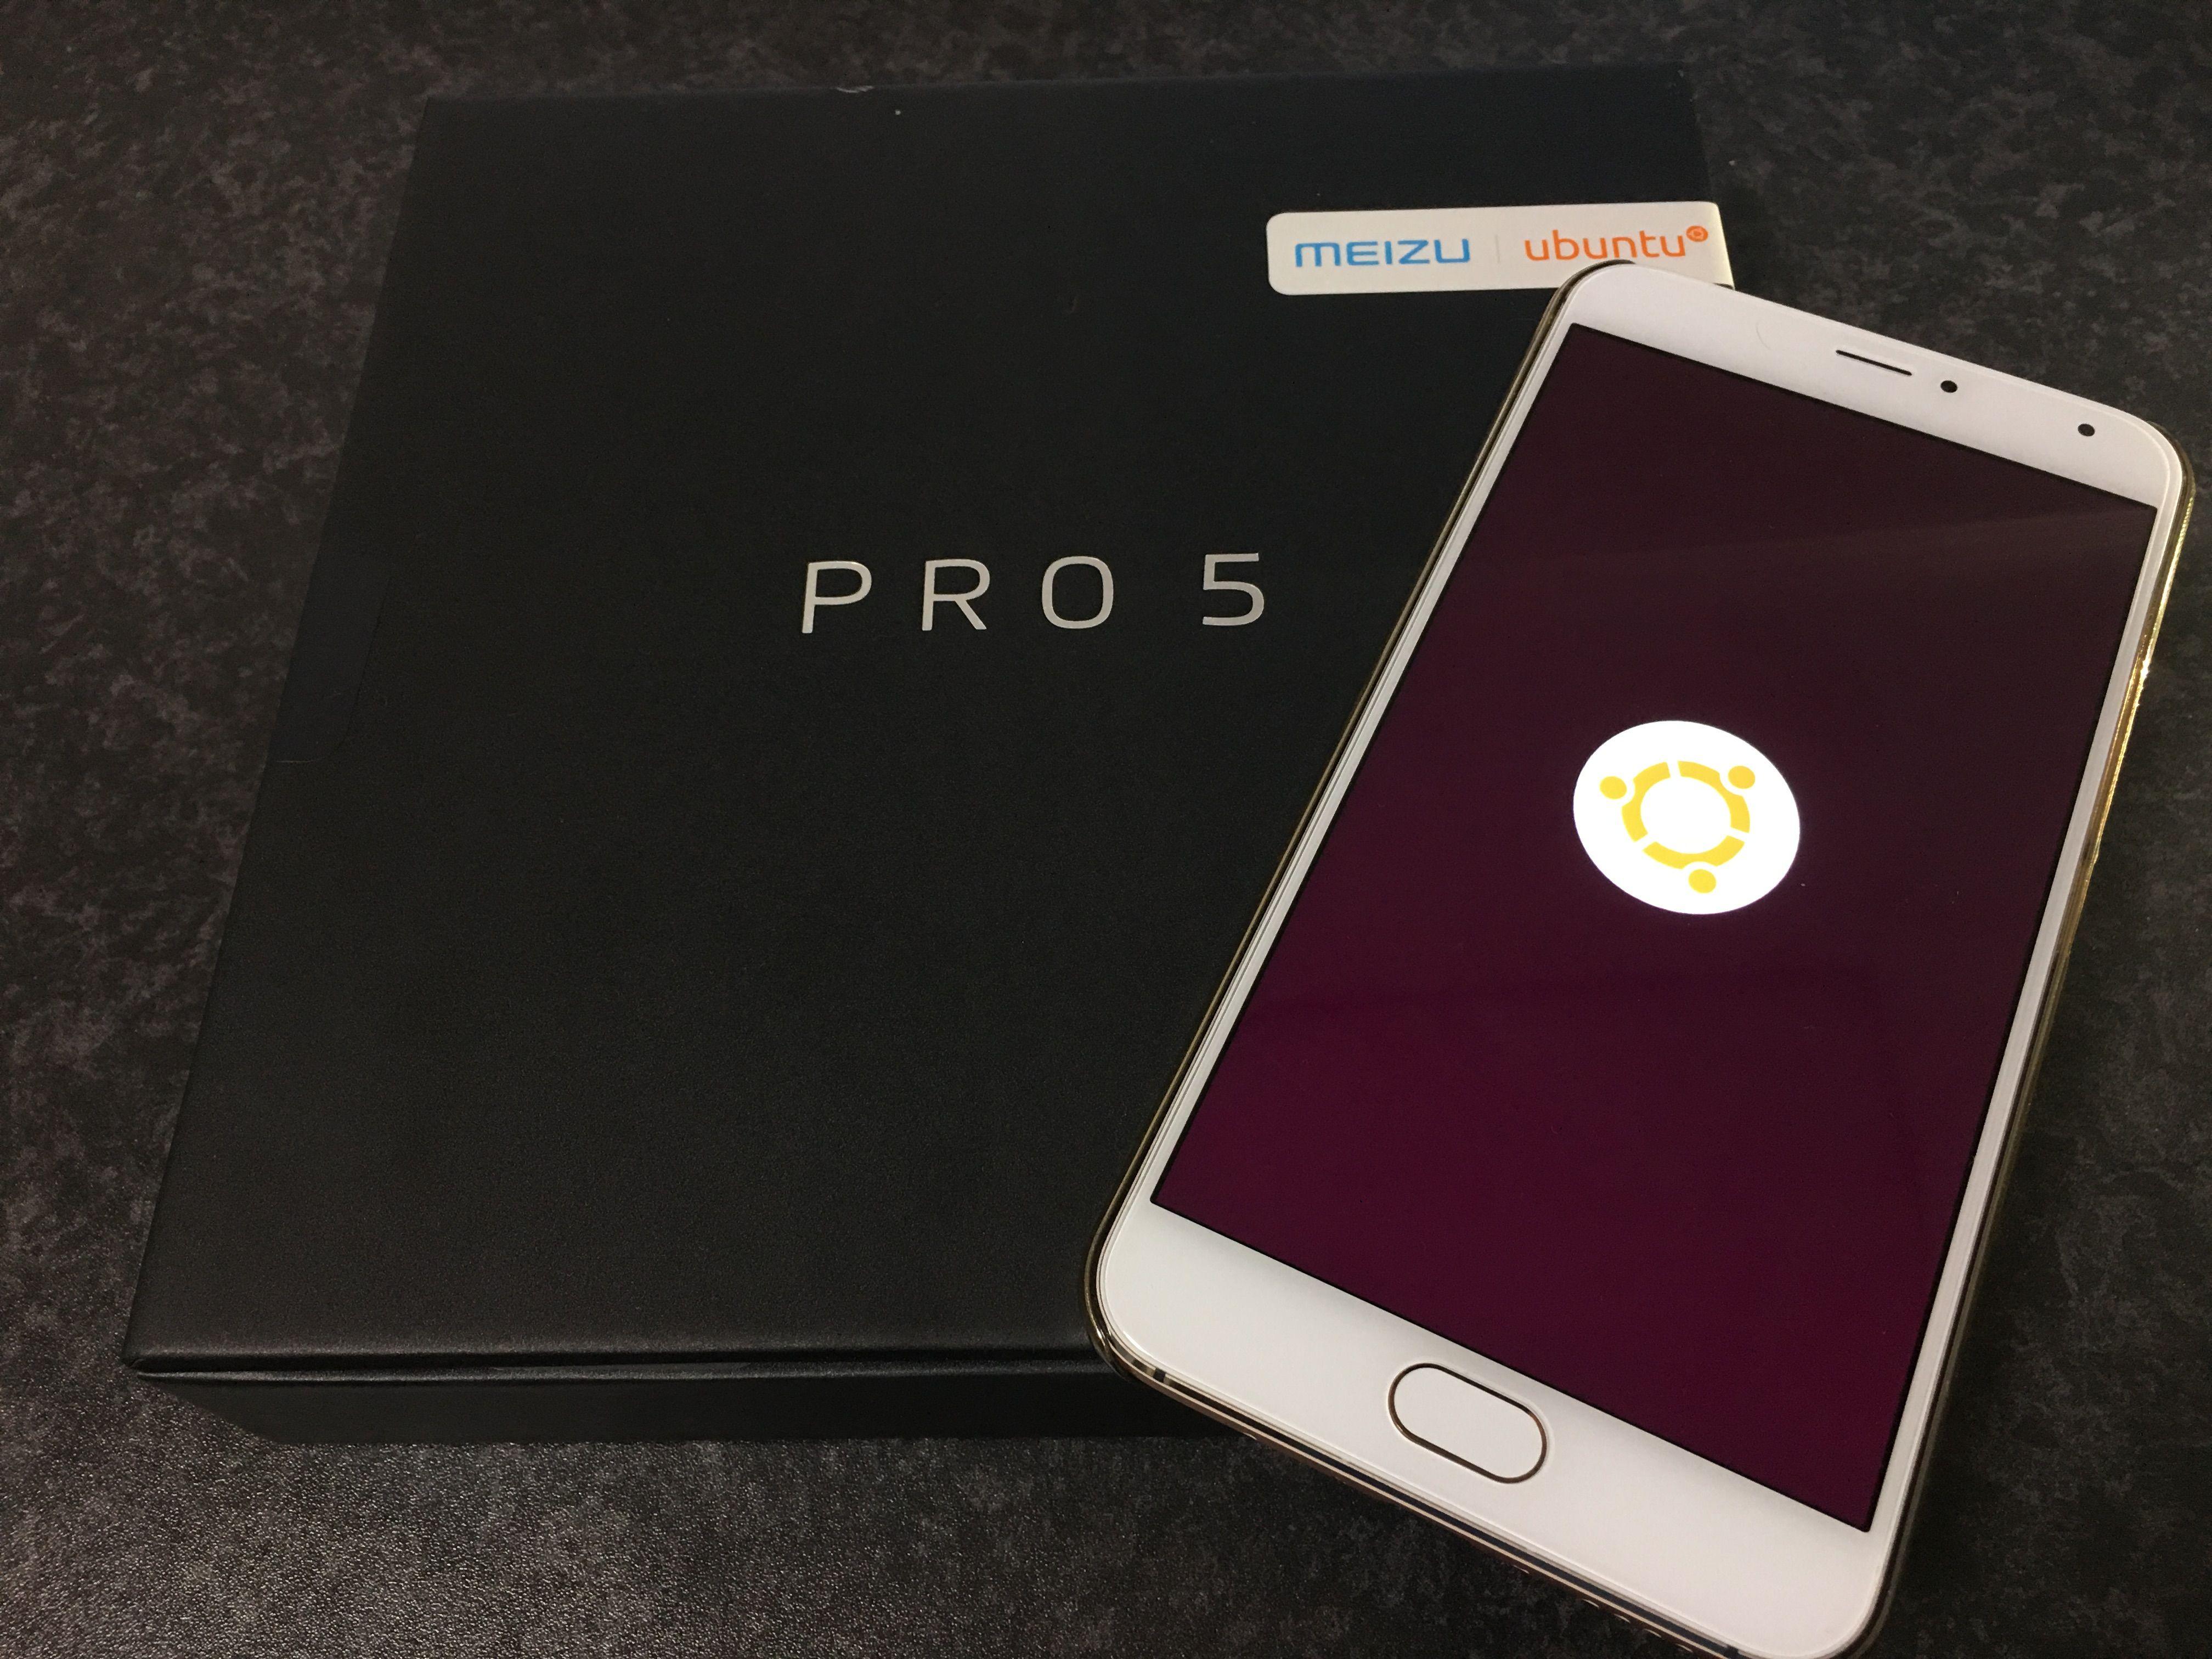 Meizu Pro 5 Ubuntu Editionが最新のNightlyビルドで指紋認証機能が利用可能に